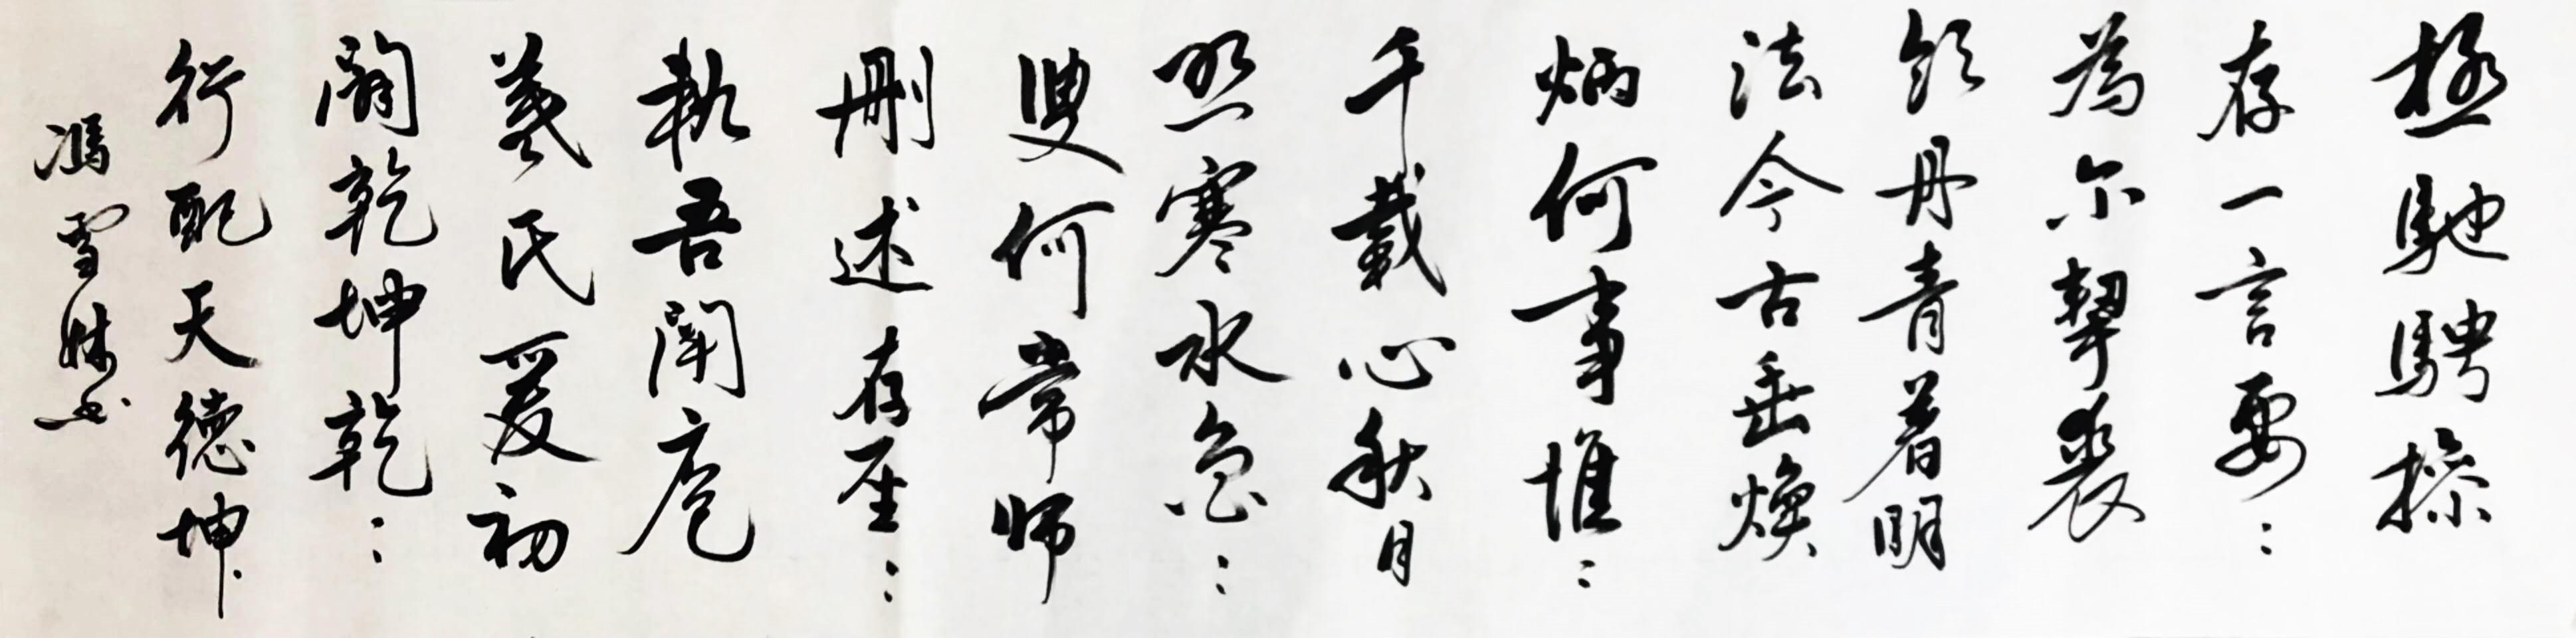 书法名家冯雪林临摹古帖